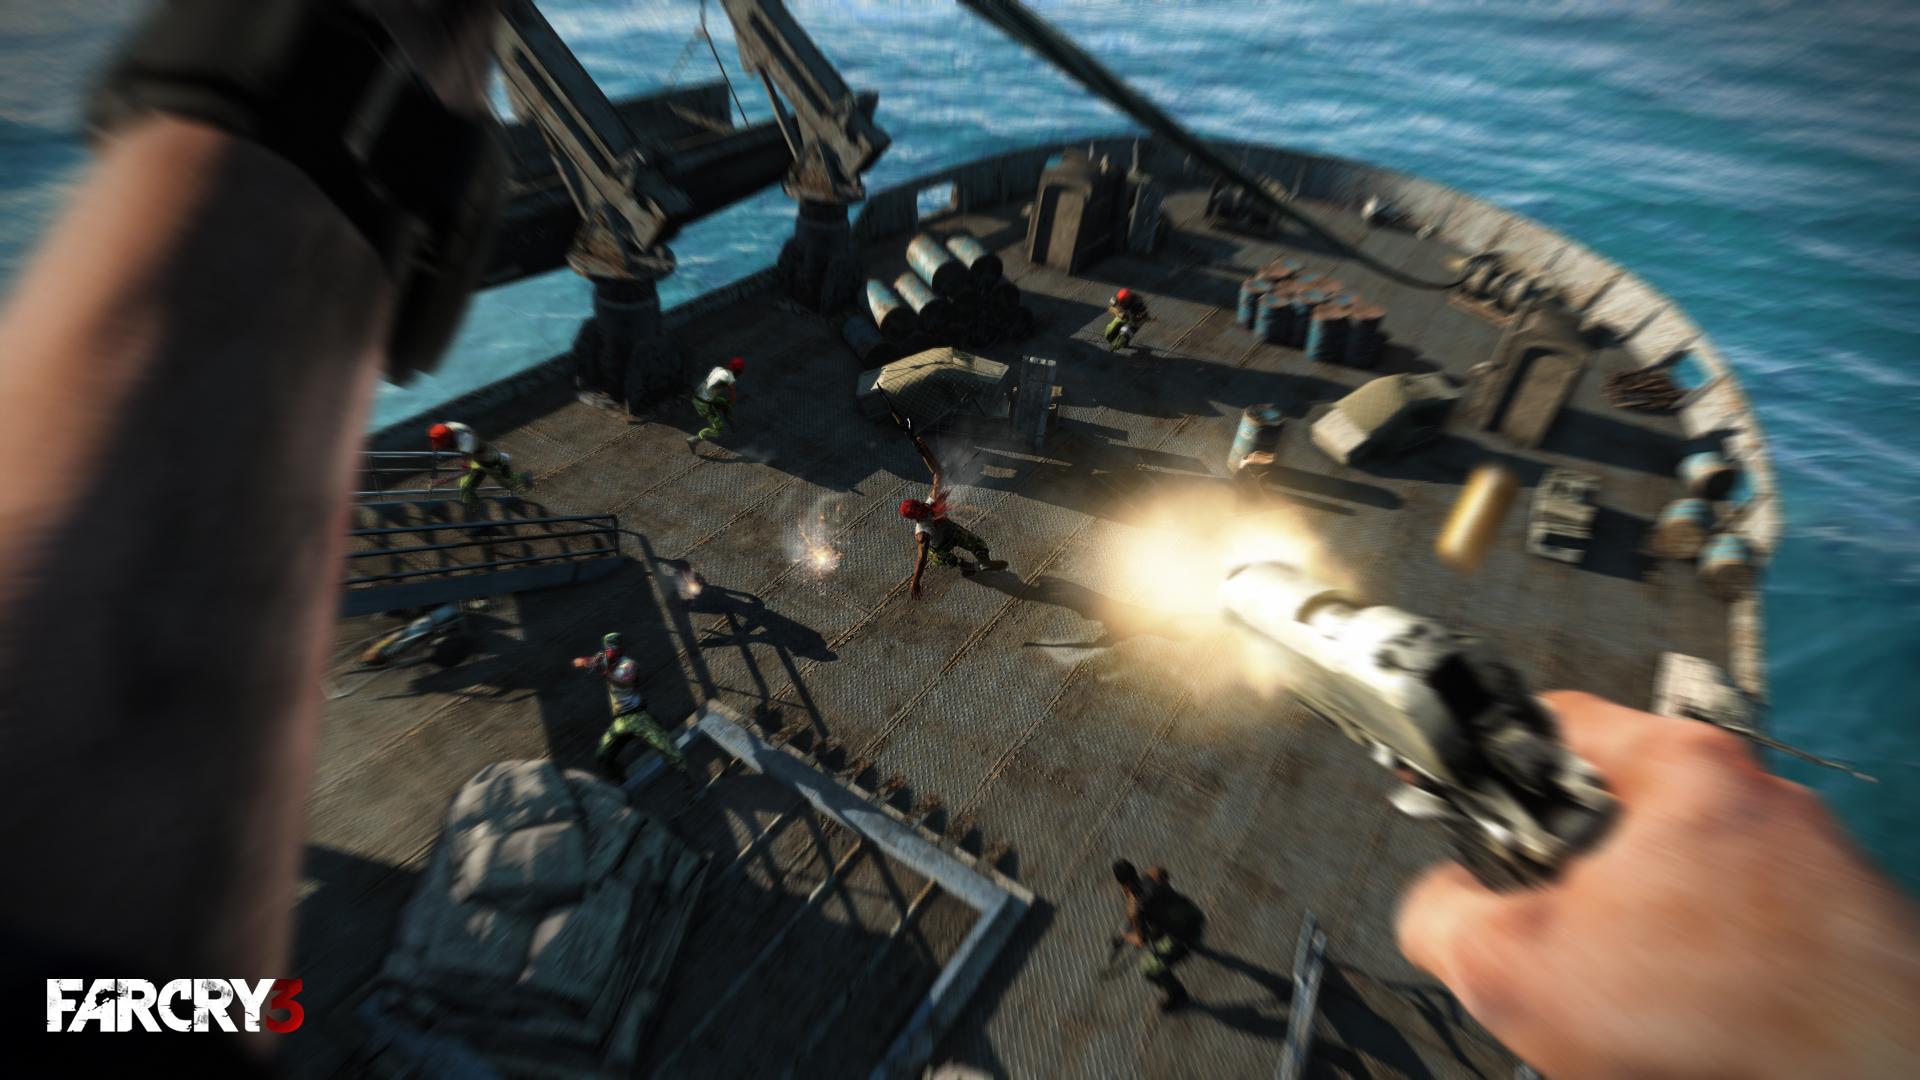 Смотреть как играют в far cry 3 с лололошкой прохождение на русском 8 фотография